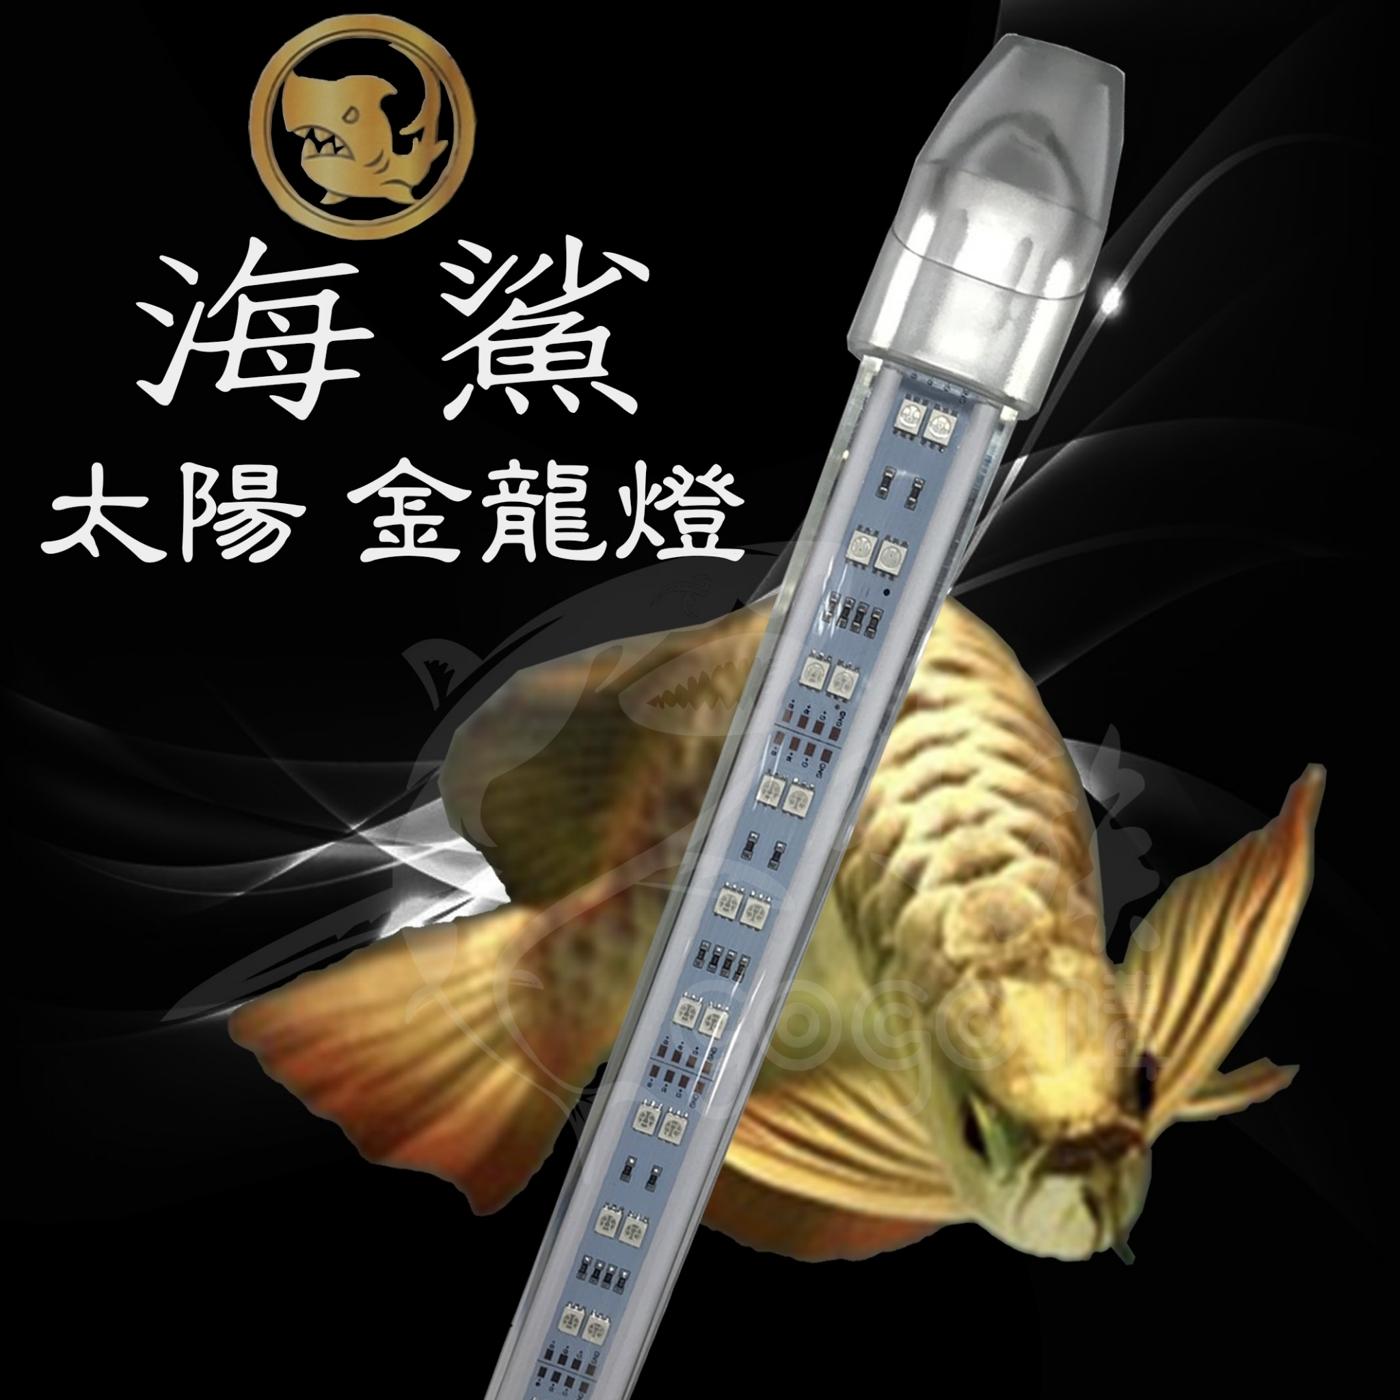 AQ王國海鯊太陽金龍燈6尺LED水中燈龍魚燈水晶防爆玻璃管